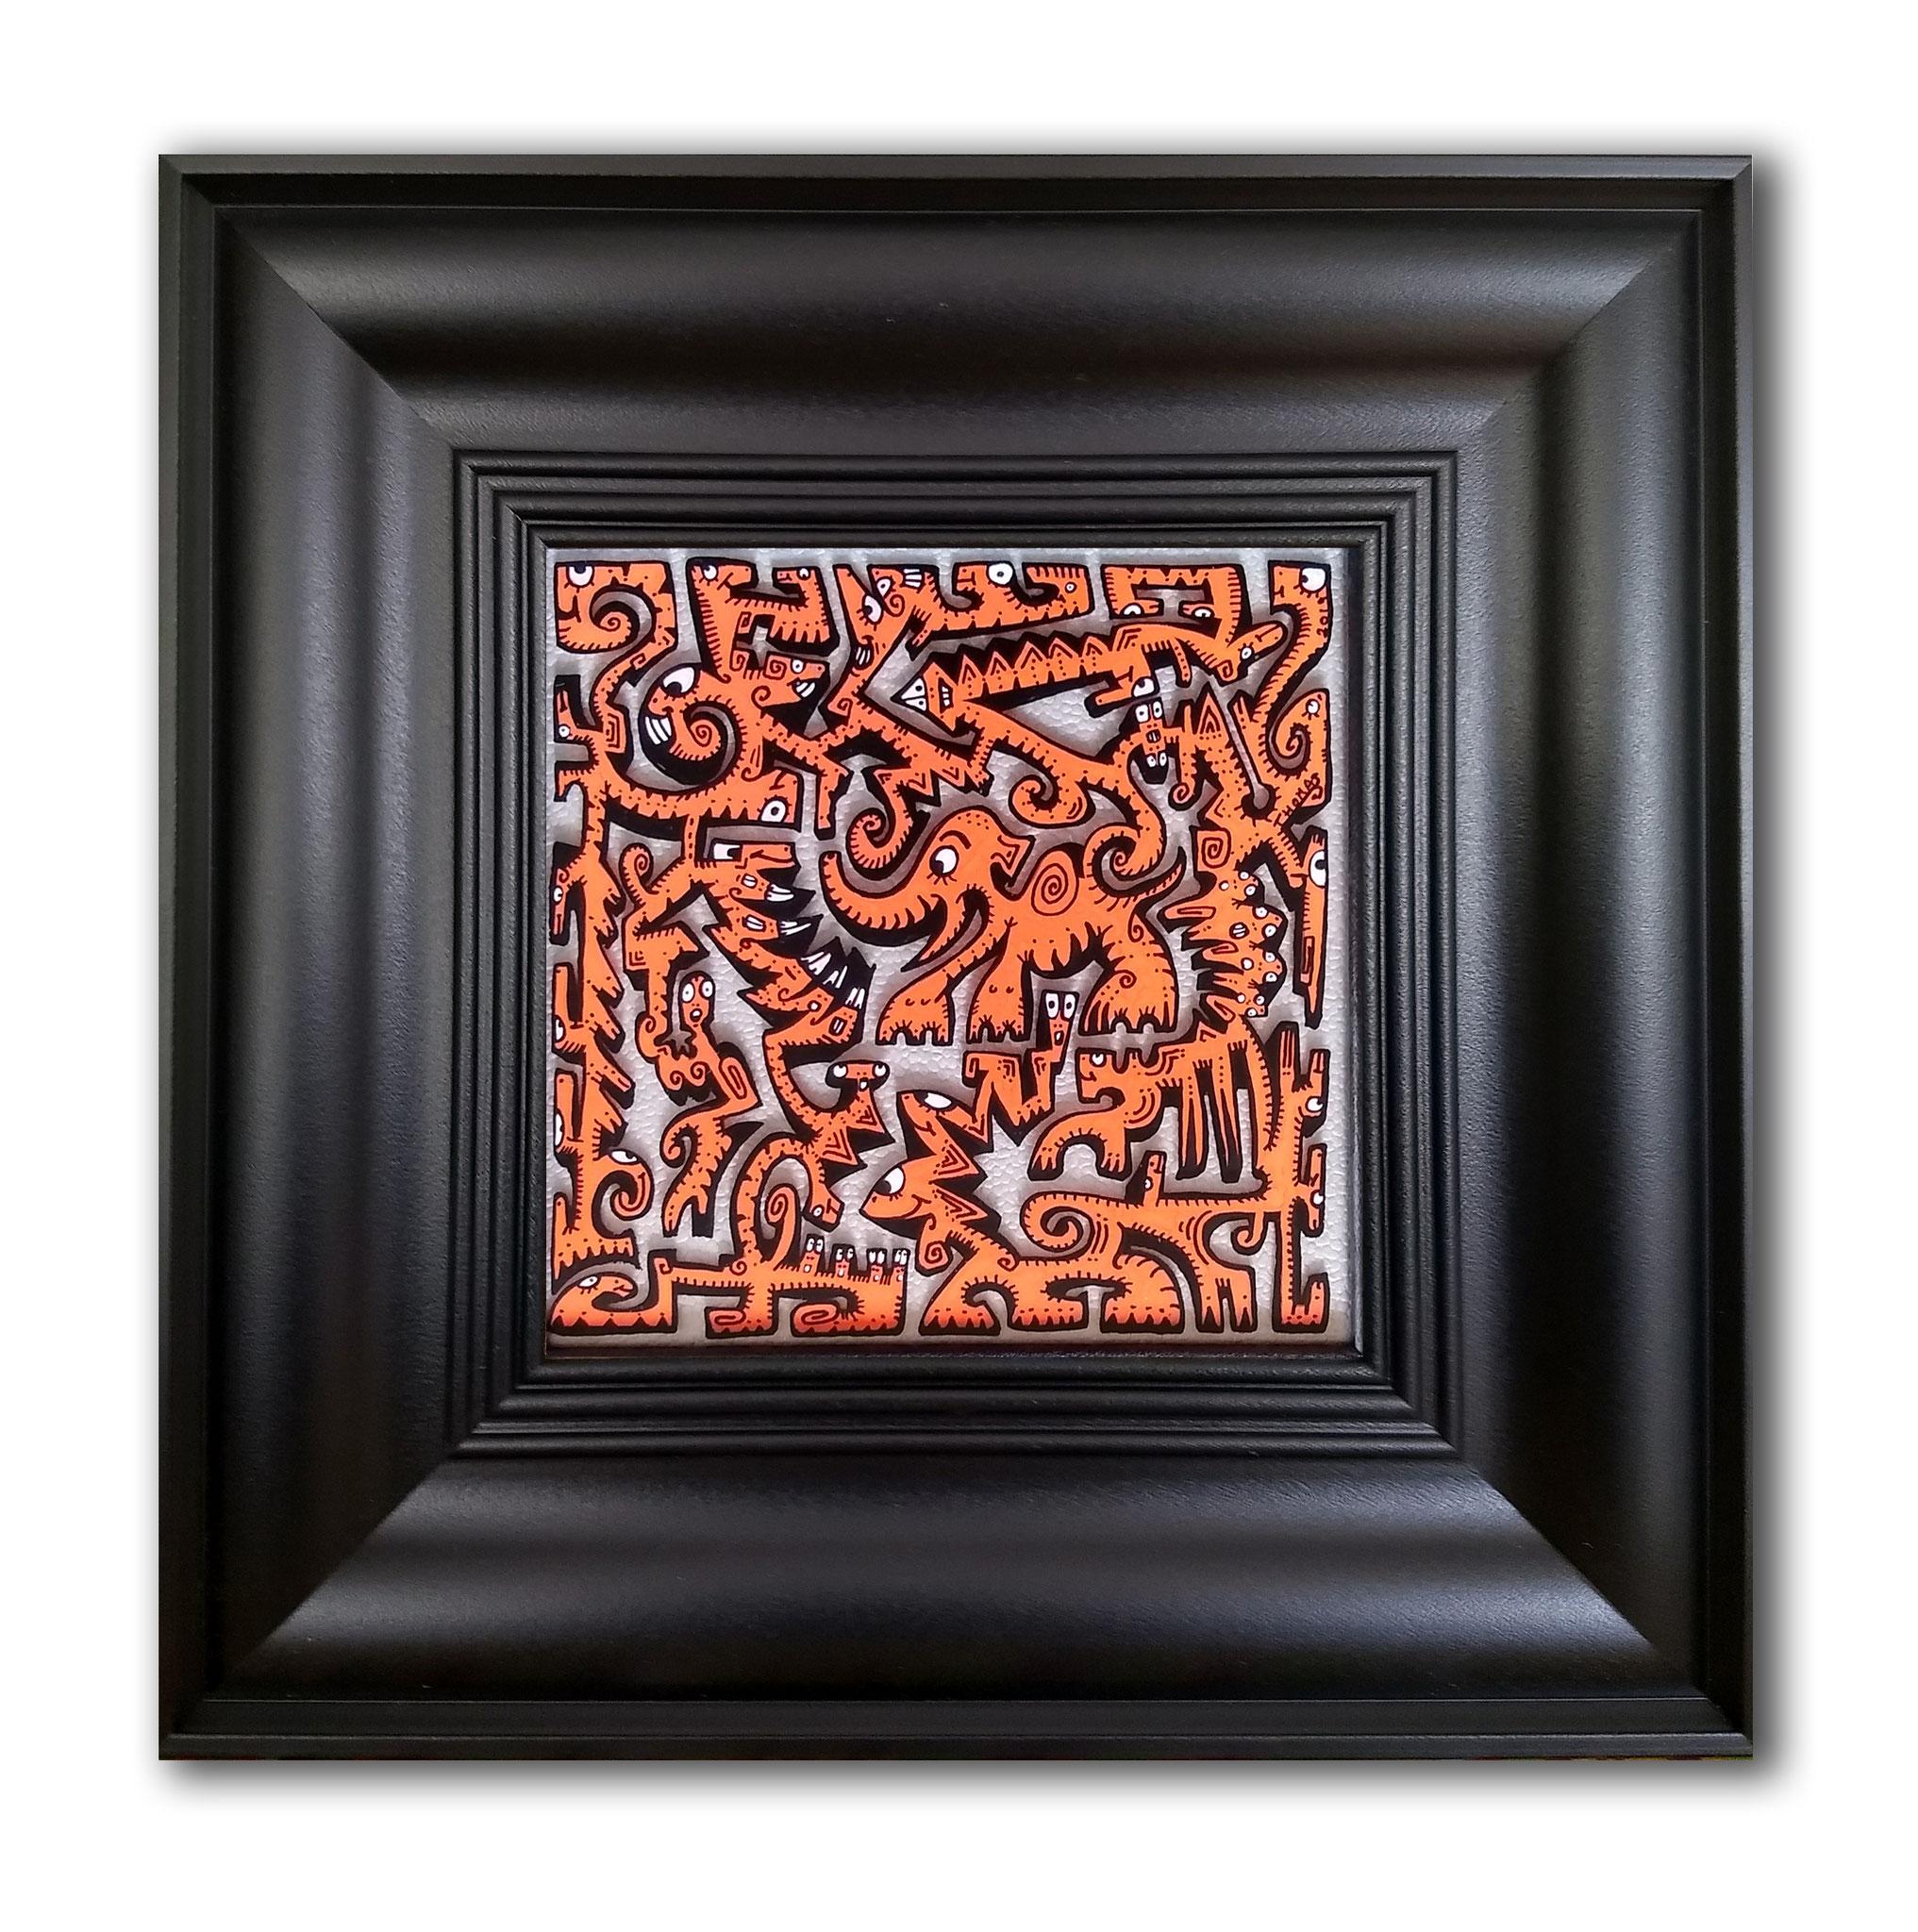 Titre : PT9/feutres acrylique sur verre synthétique/ fond papier effet cuir silver/format cadre 35.5/35.5cm/dessin : 18.5/18.5 prix : 70 euros